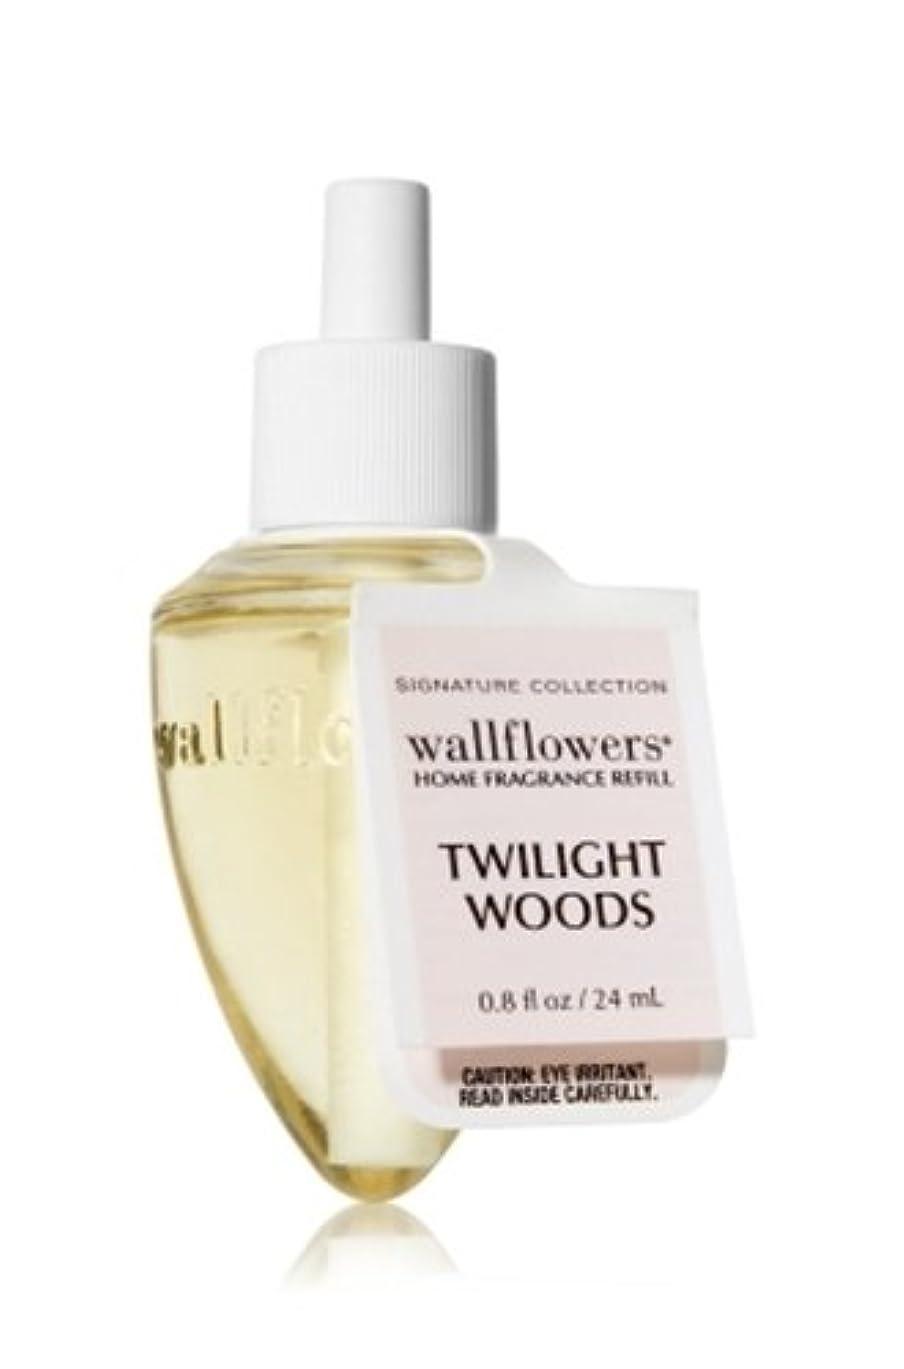 アフリカアンケート無傷Bath & Body Works(バス&ボディワークス) トワイライトウッズ レフィル(本体は別売りです) Twilight Woods Wallflowers Refill Single Bottles【並行輸入品】